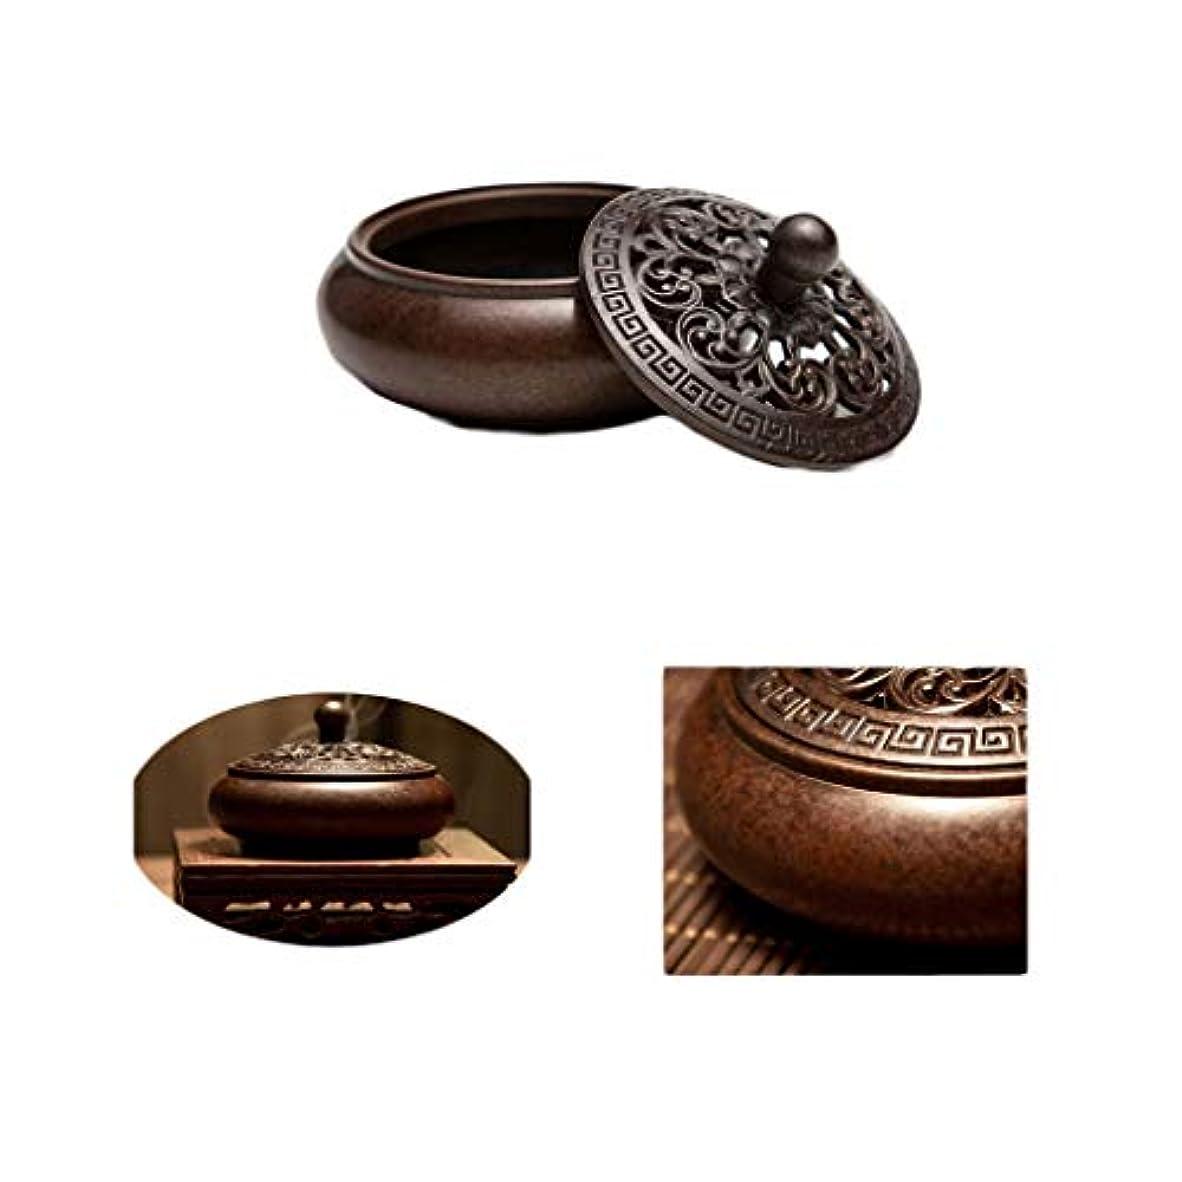 リール踏みつけ交差点芳香器?アロマバーナー 純銅香炉アンティーク香炉吉祥香炉手作り香炉 アロマバーナー (Color : Brass)